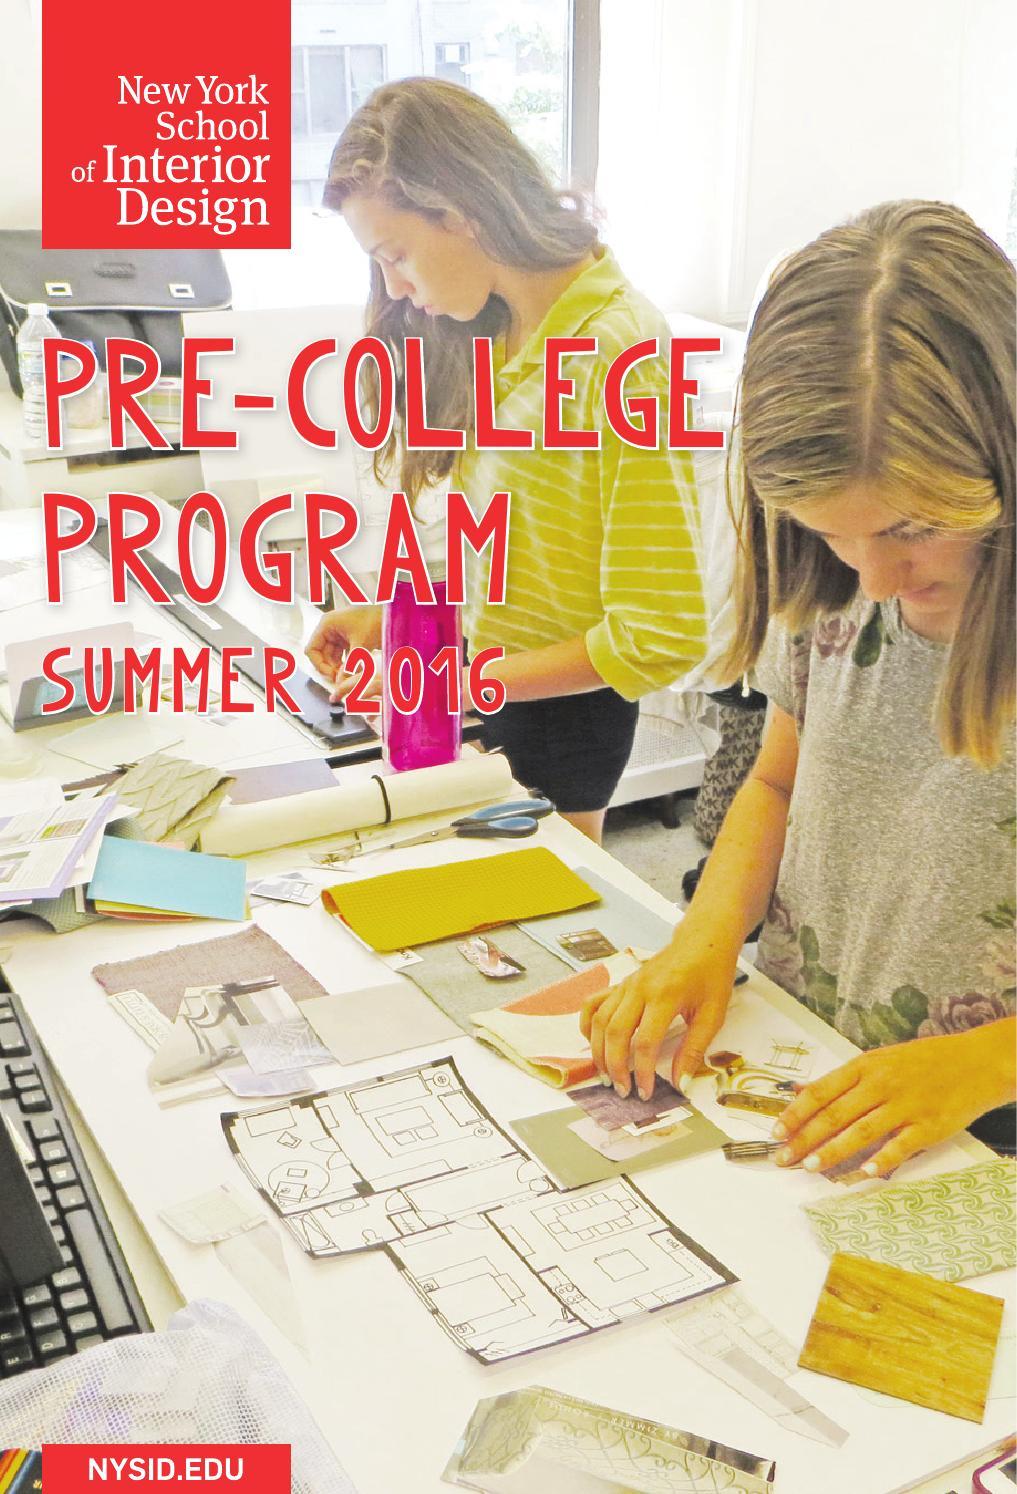 New York School Interior Design Tuition Online Design Courses New York Institute Of Art Design Nysid Pre College 2016 By New York School Of Interior